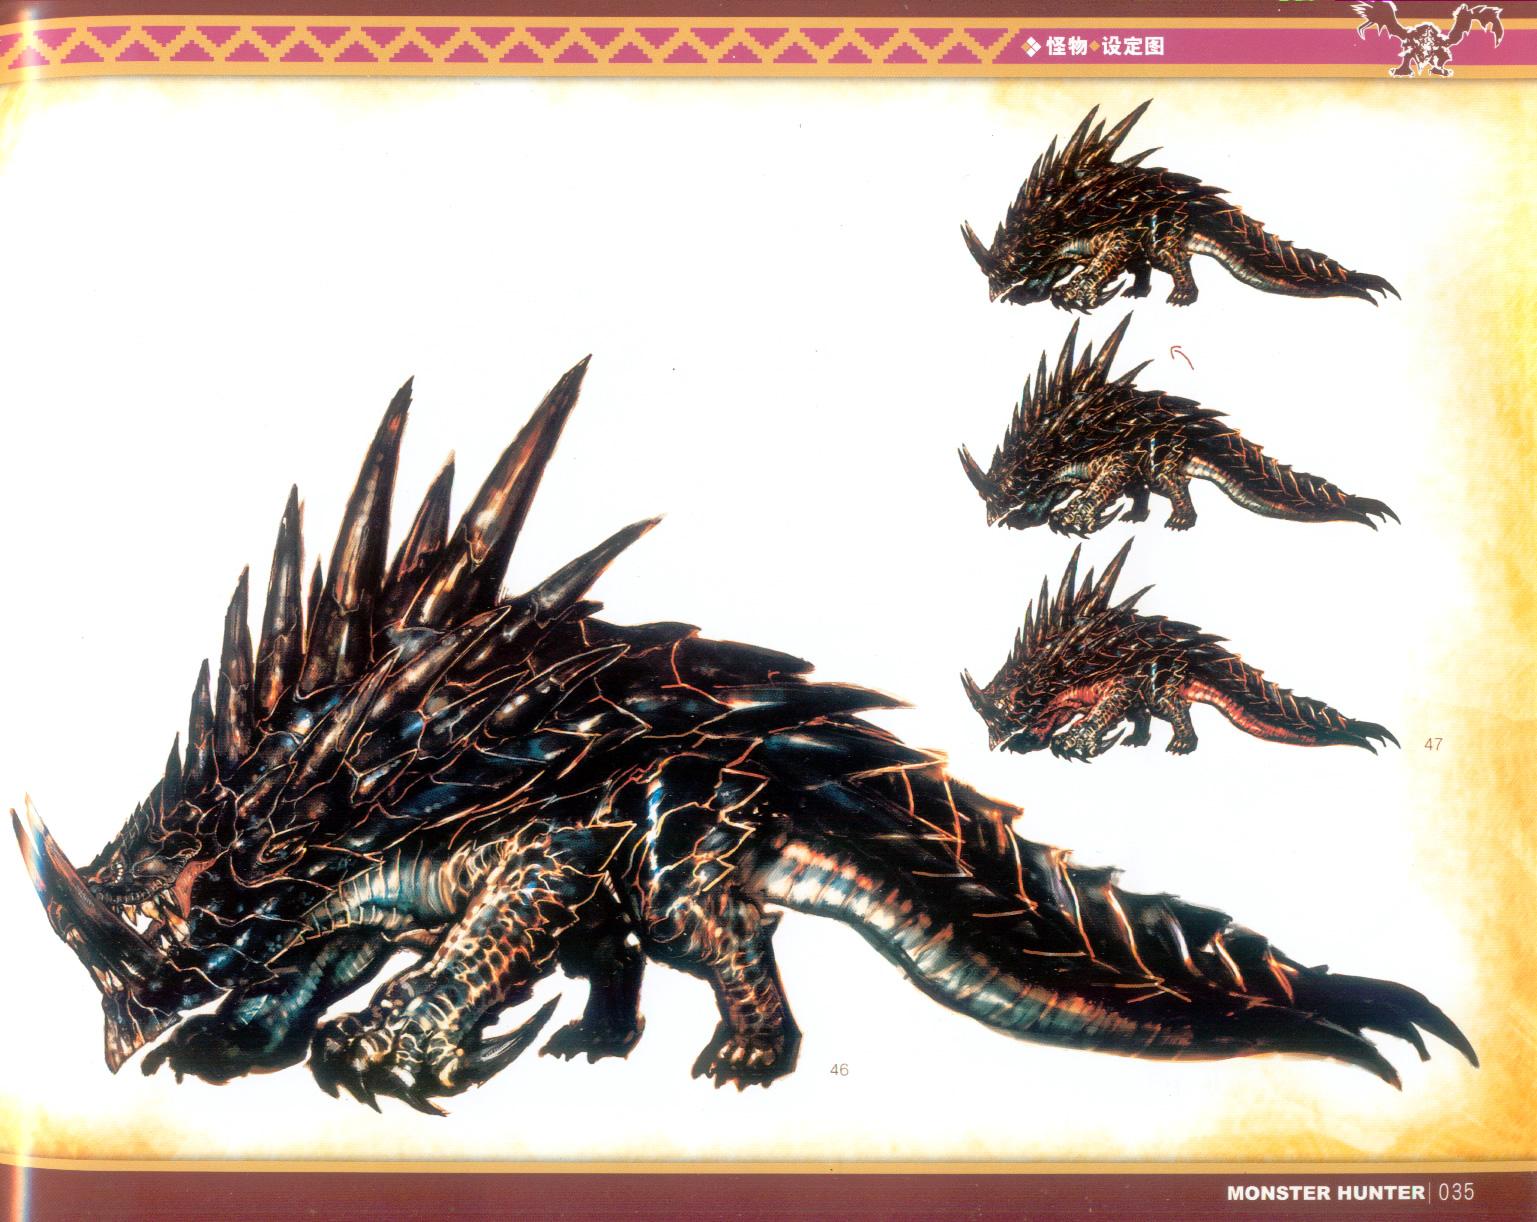 035_关注-游艺网GAME798海量资源下载怪物猎人终极画集.jpg